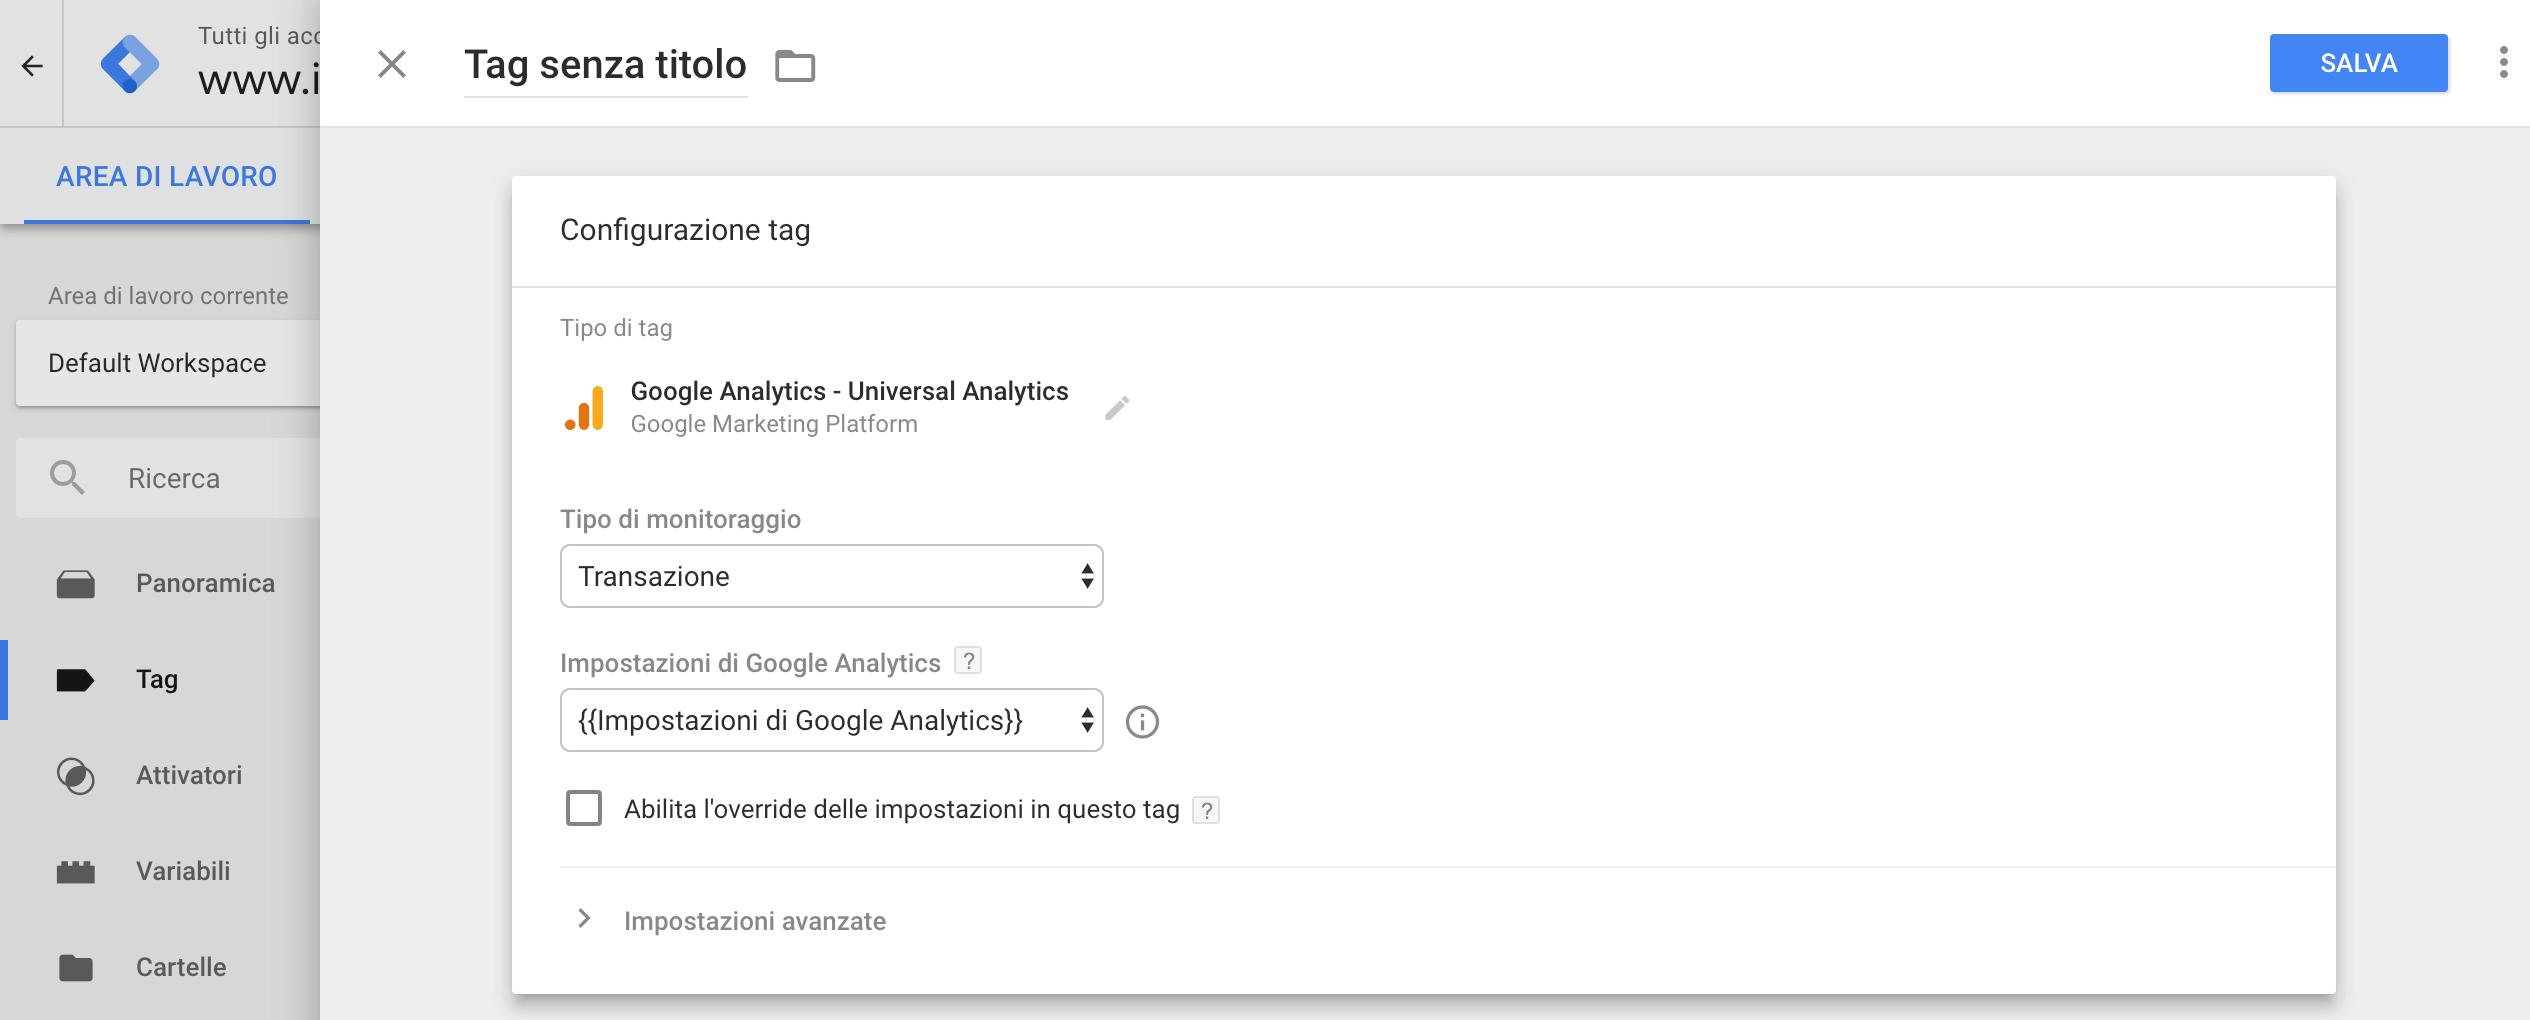 Google Tag Manager - Configurazione tag transazione